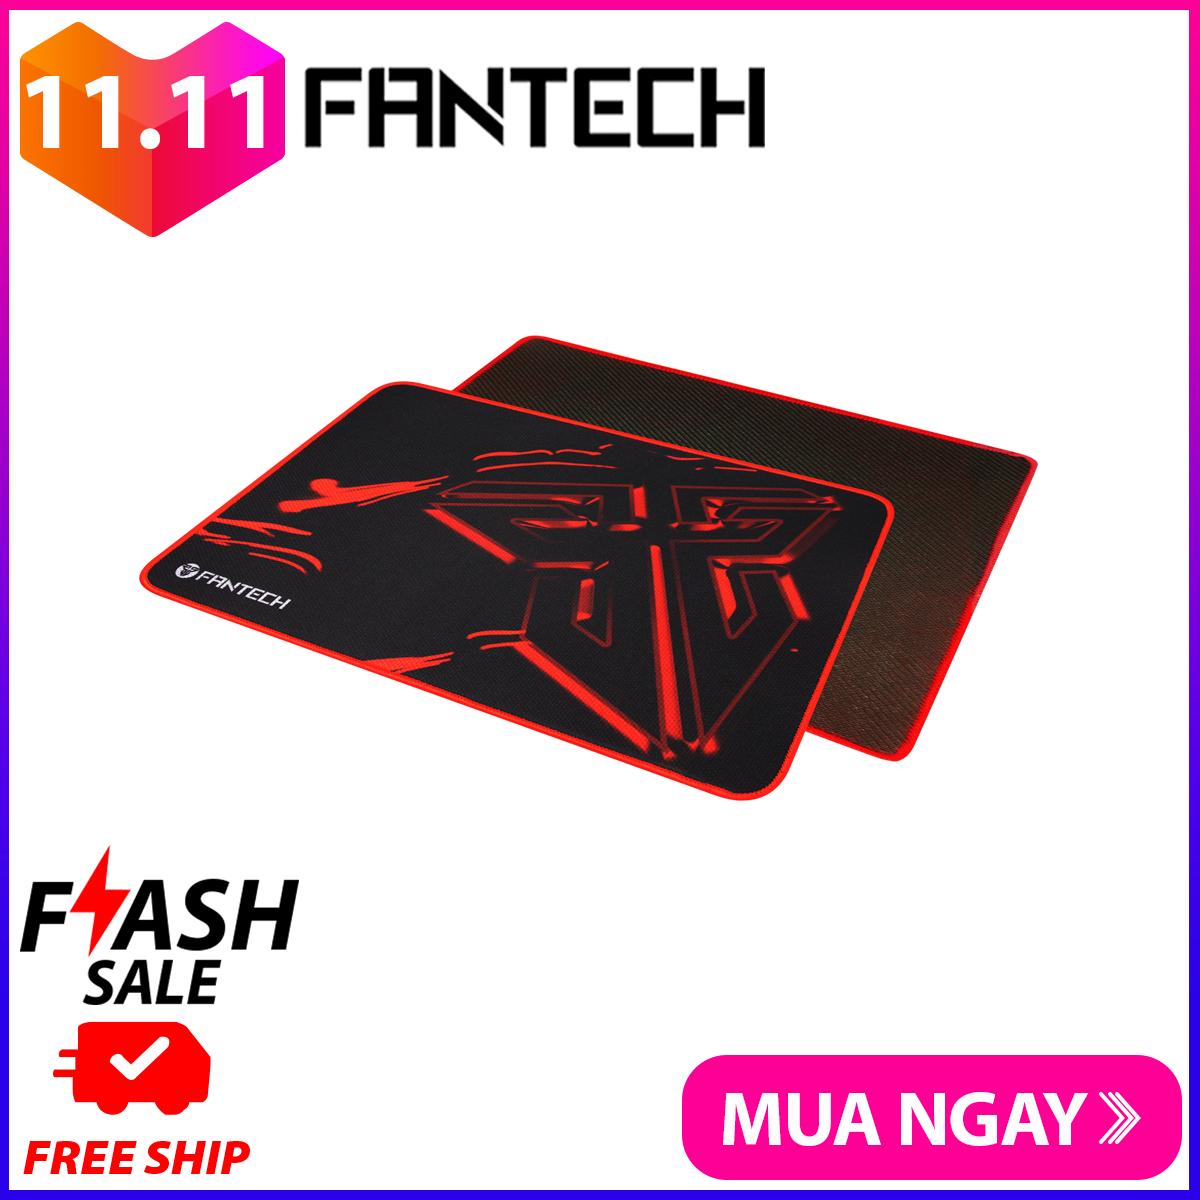 Đế lót di chuột tốc độ cao – Fantech MP25 – chất liệu cao su tự nhiên đế chống trượt dài 250mm rộng 210mm dày 2mm giúp di chuột một cách dễ dàng – Hãng Phân Phối Chính Thức – Giới hạn 5 sản phẩm/khách hàng